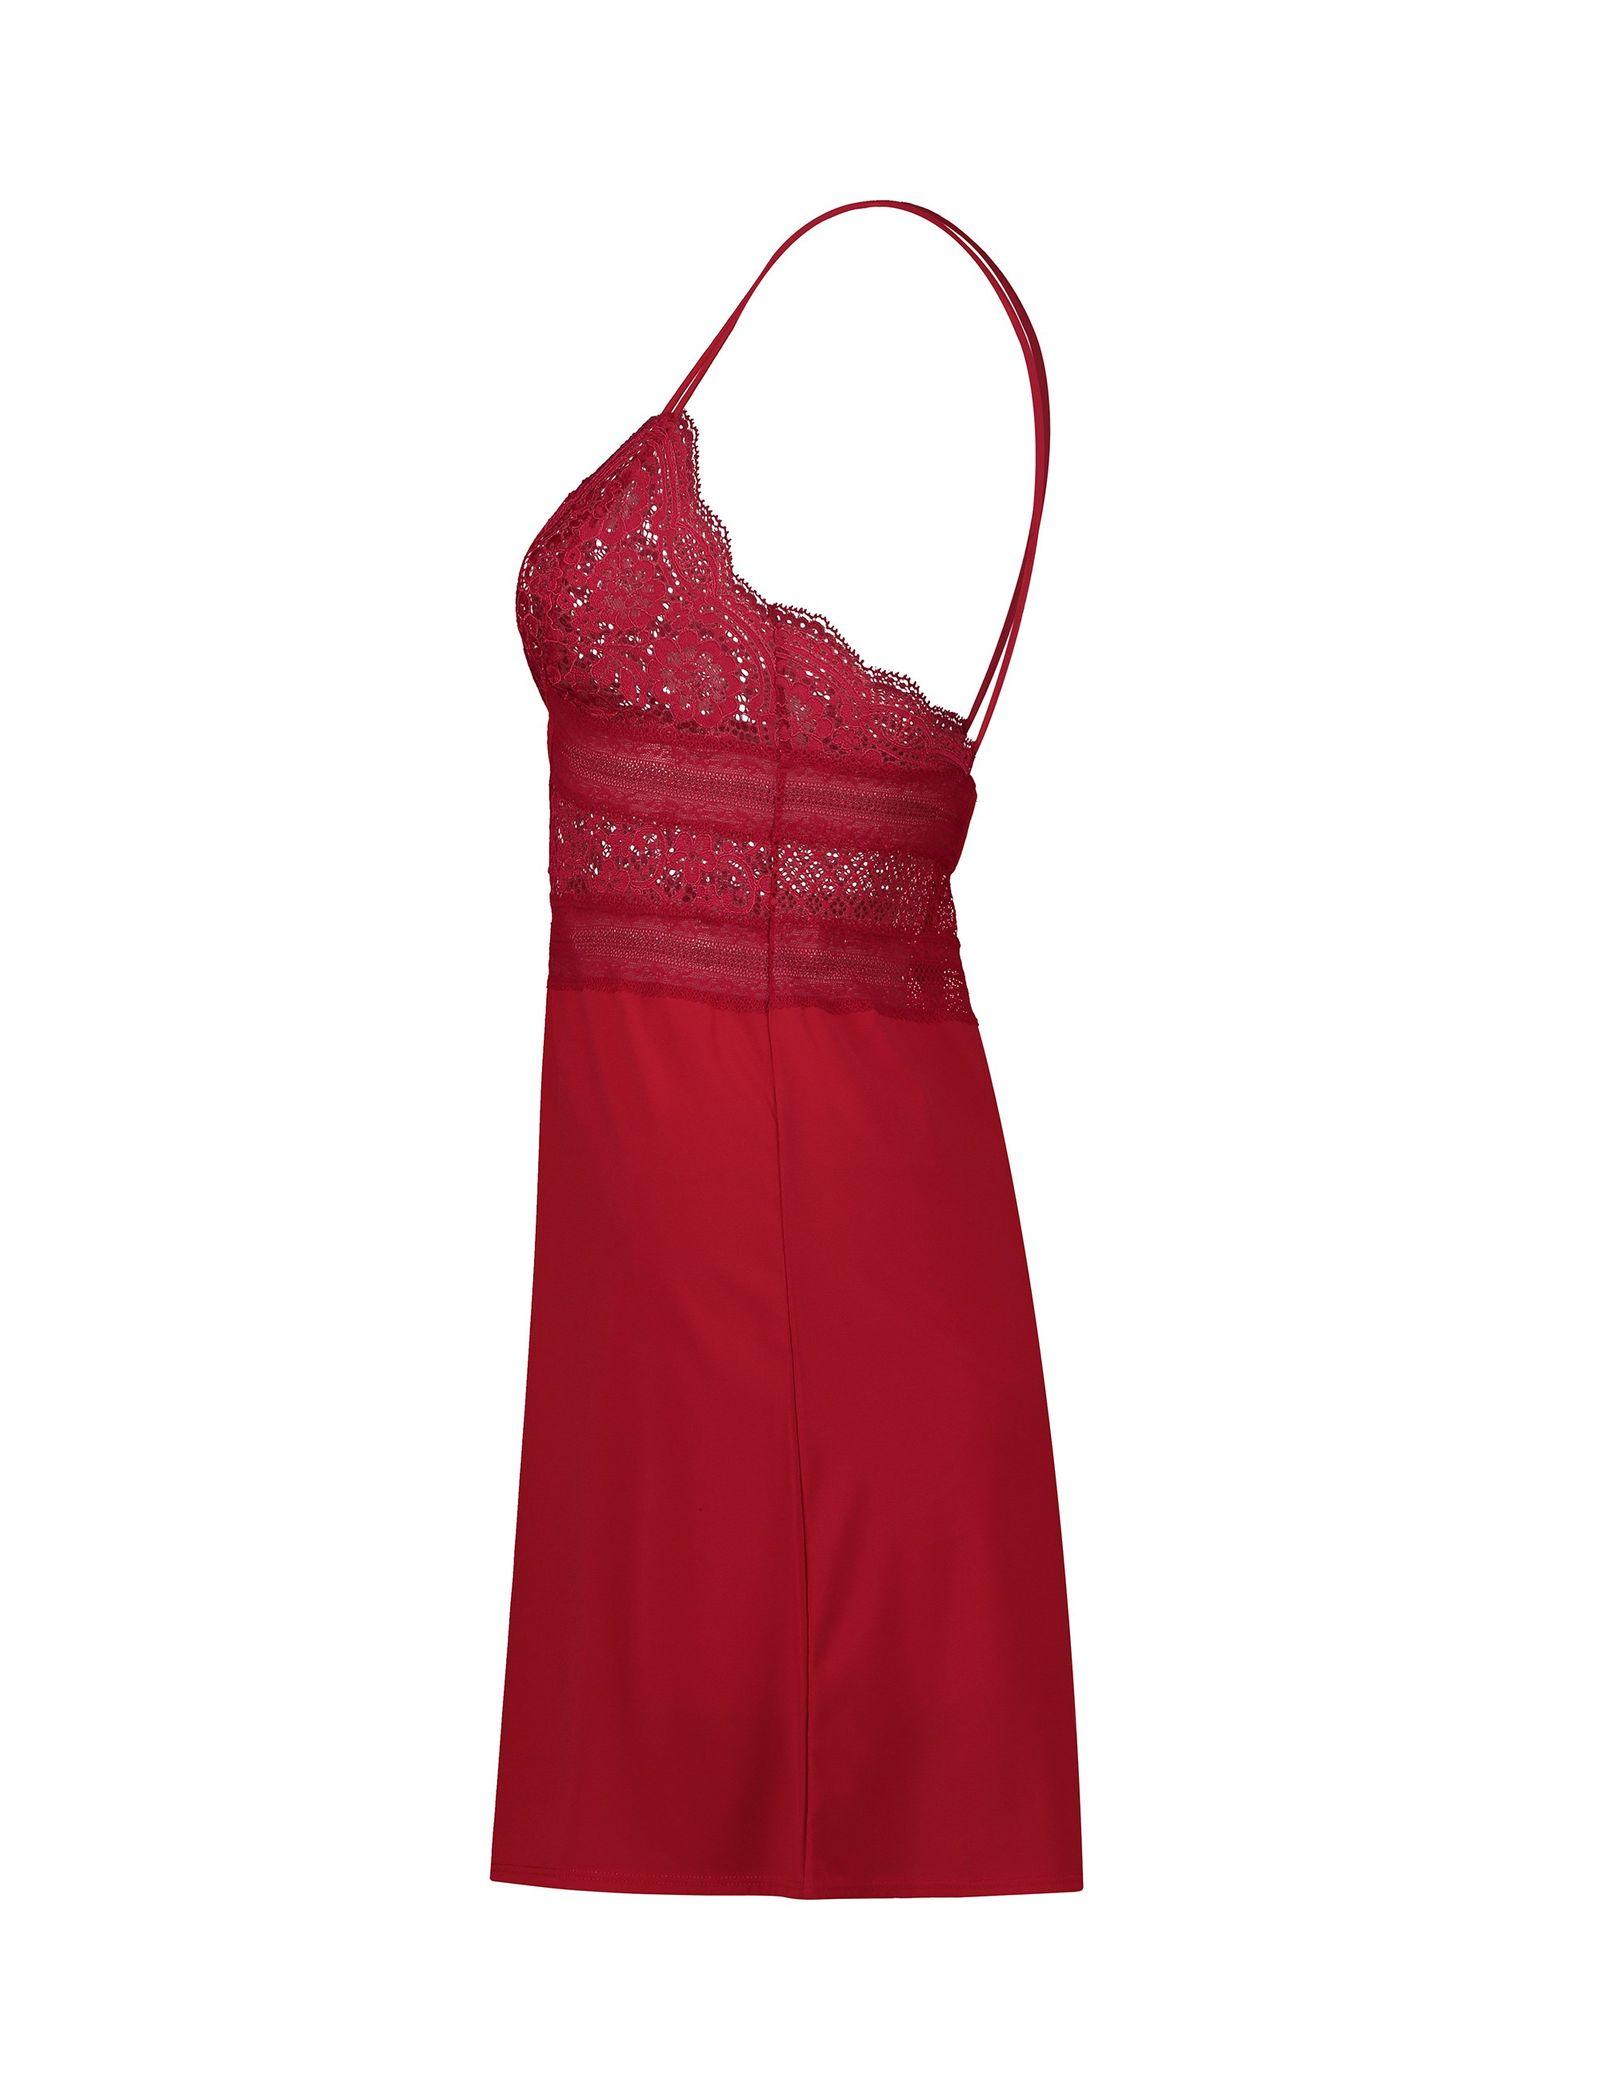 لباس خواب یک تکه زنانه - اتام - قرمز - 3